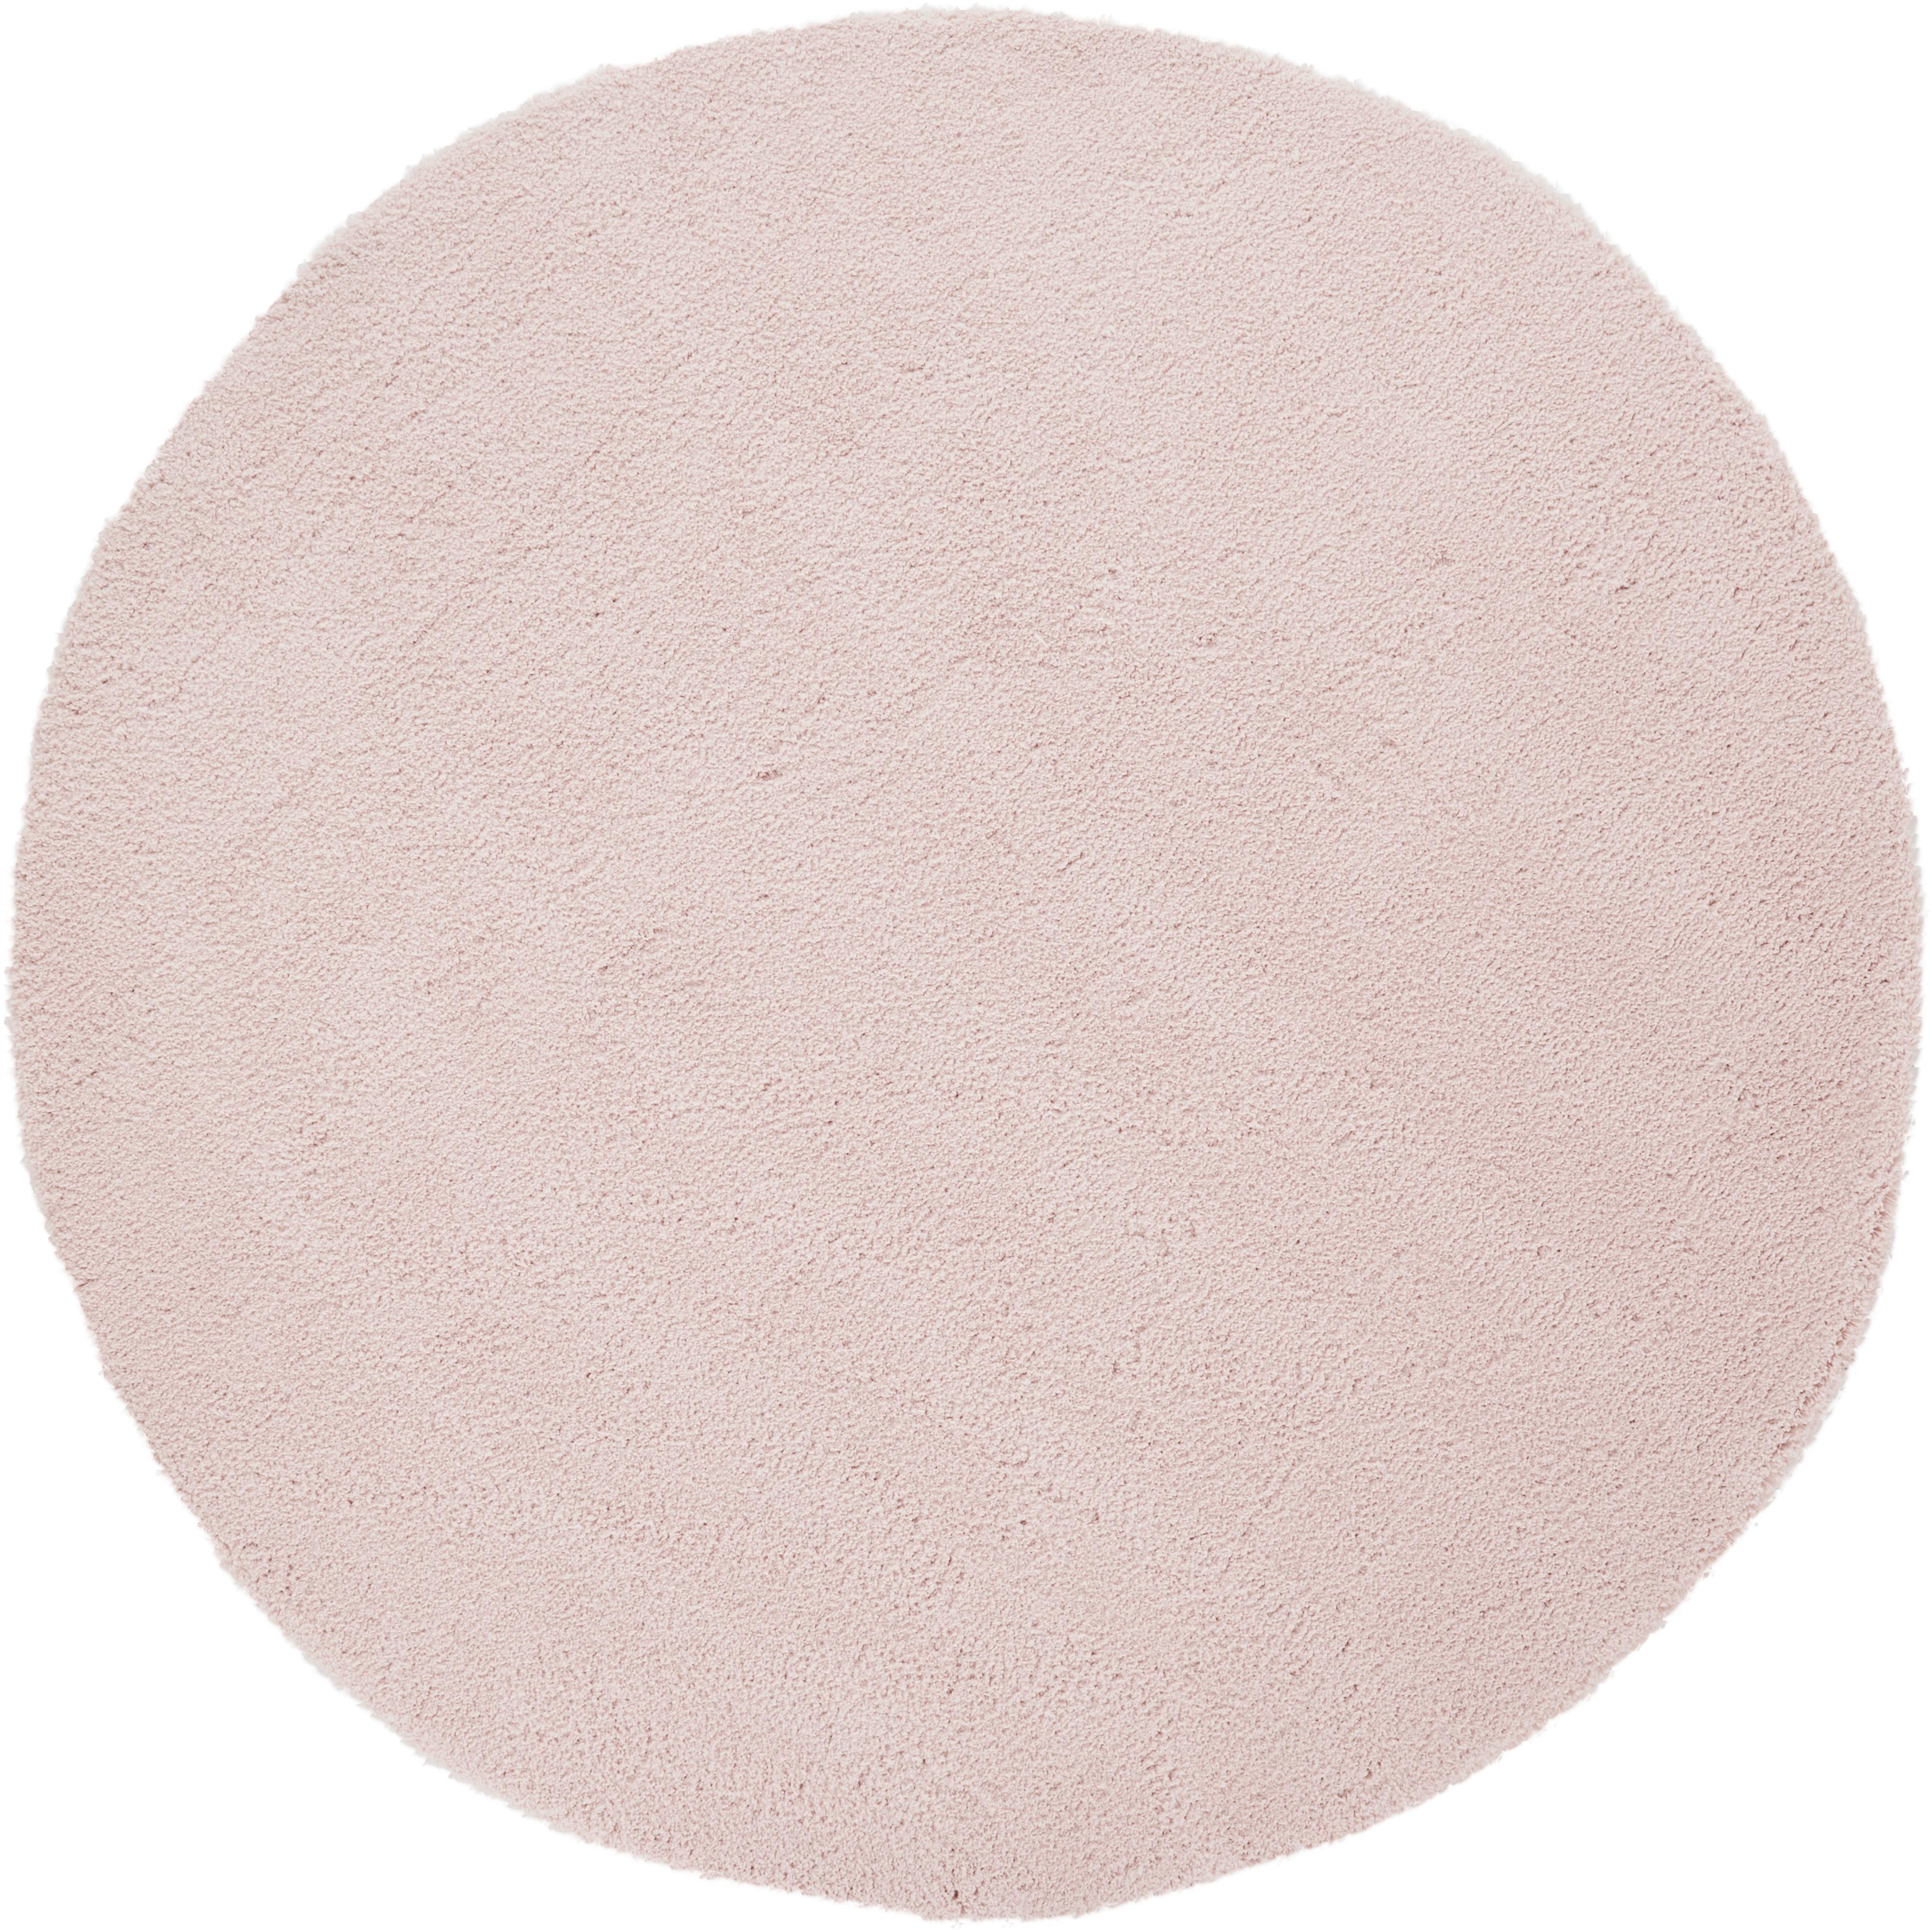 Flauschiger Runder Hochflor-Teppich Leighton in Rosa, Flor: 100% Polyester (Mikrofase, Rosé, Ø 120 cm (Grösse S)